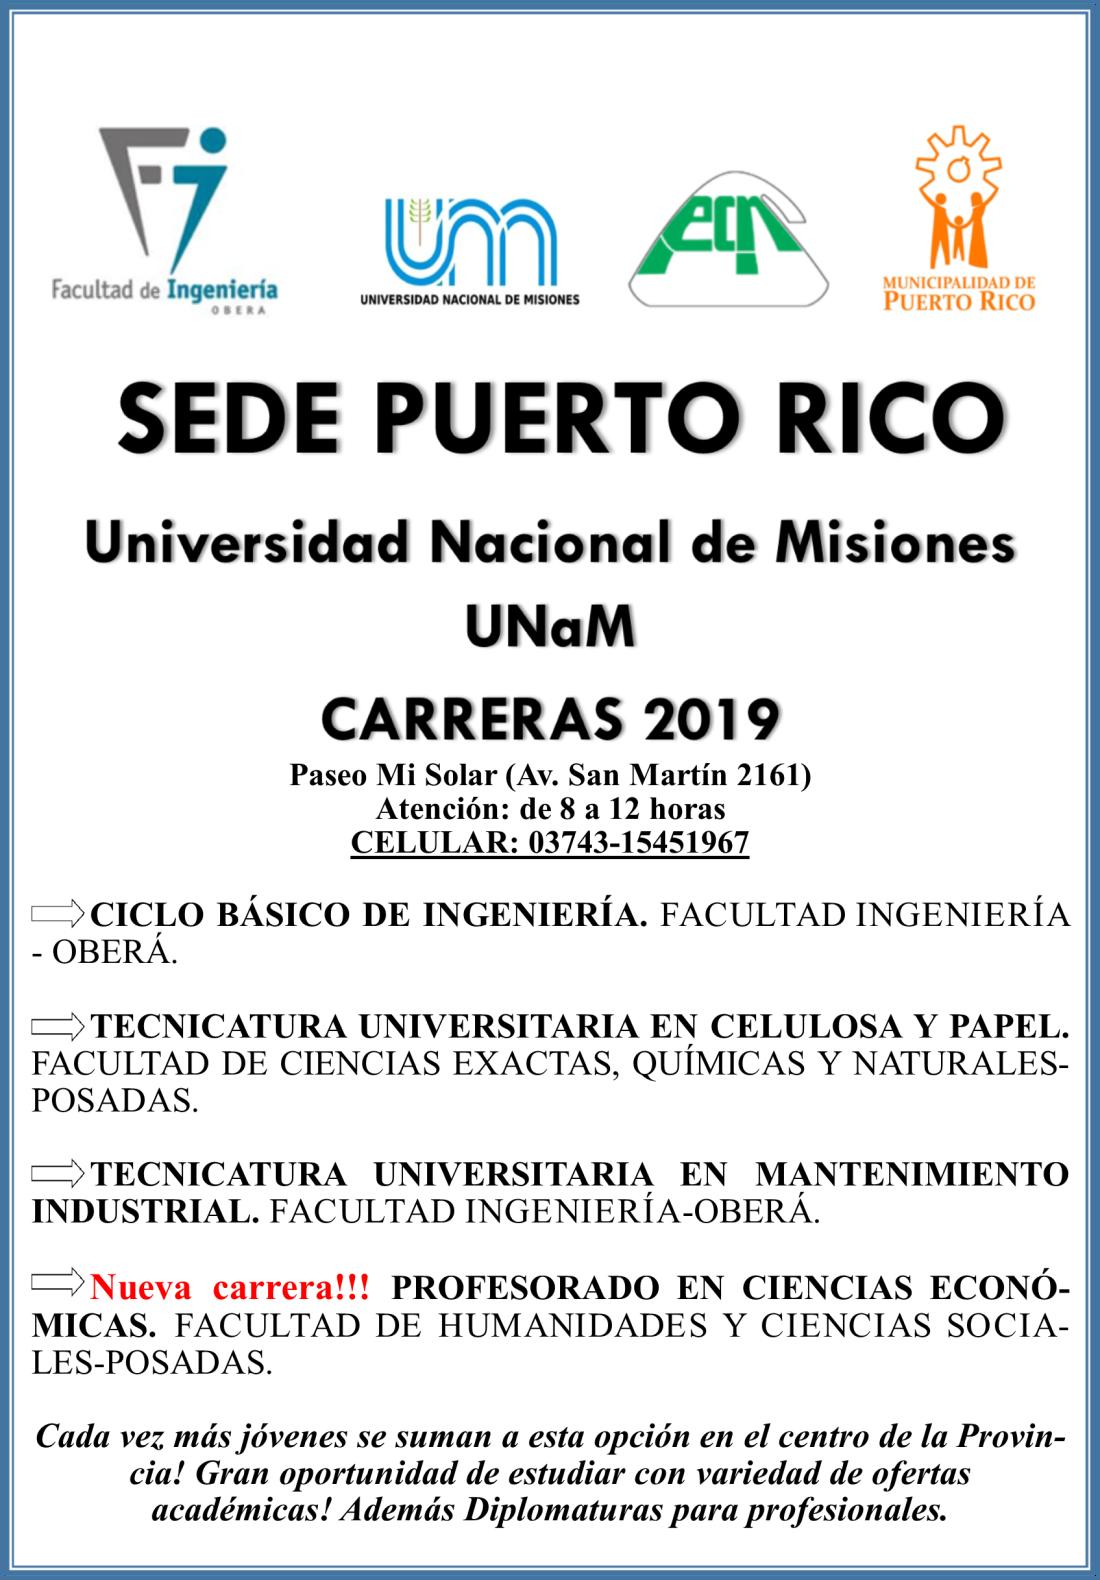 UNAM 2019